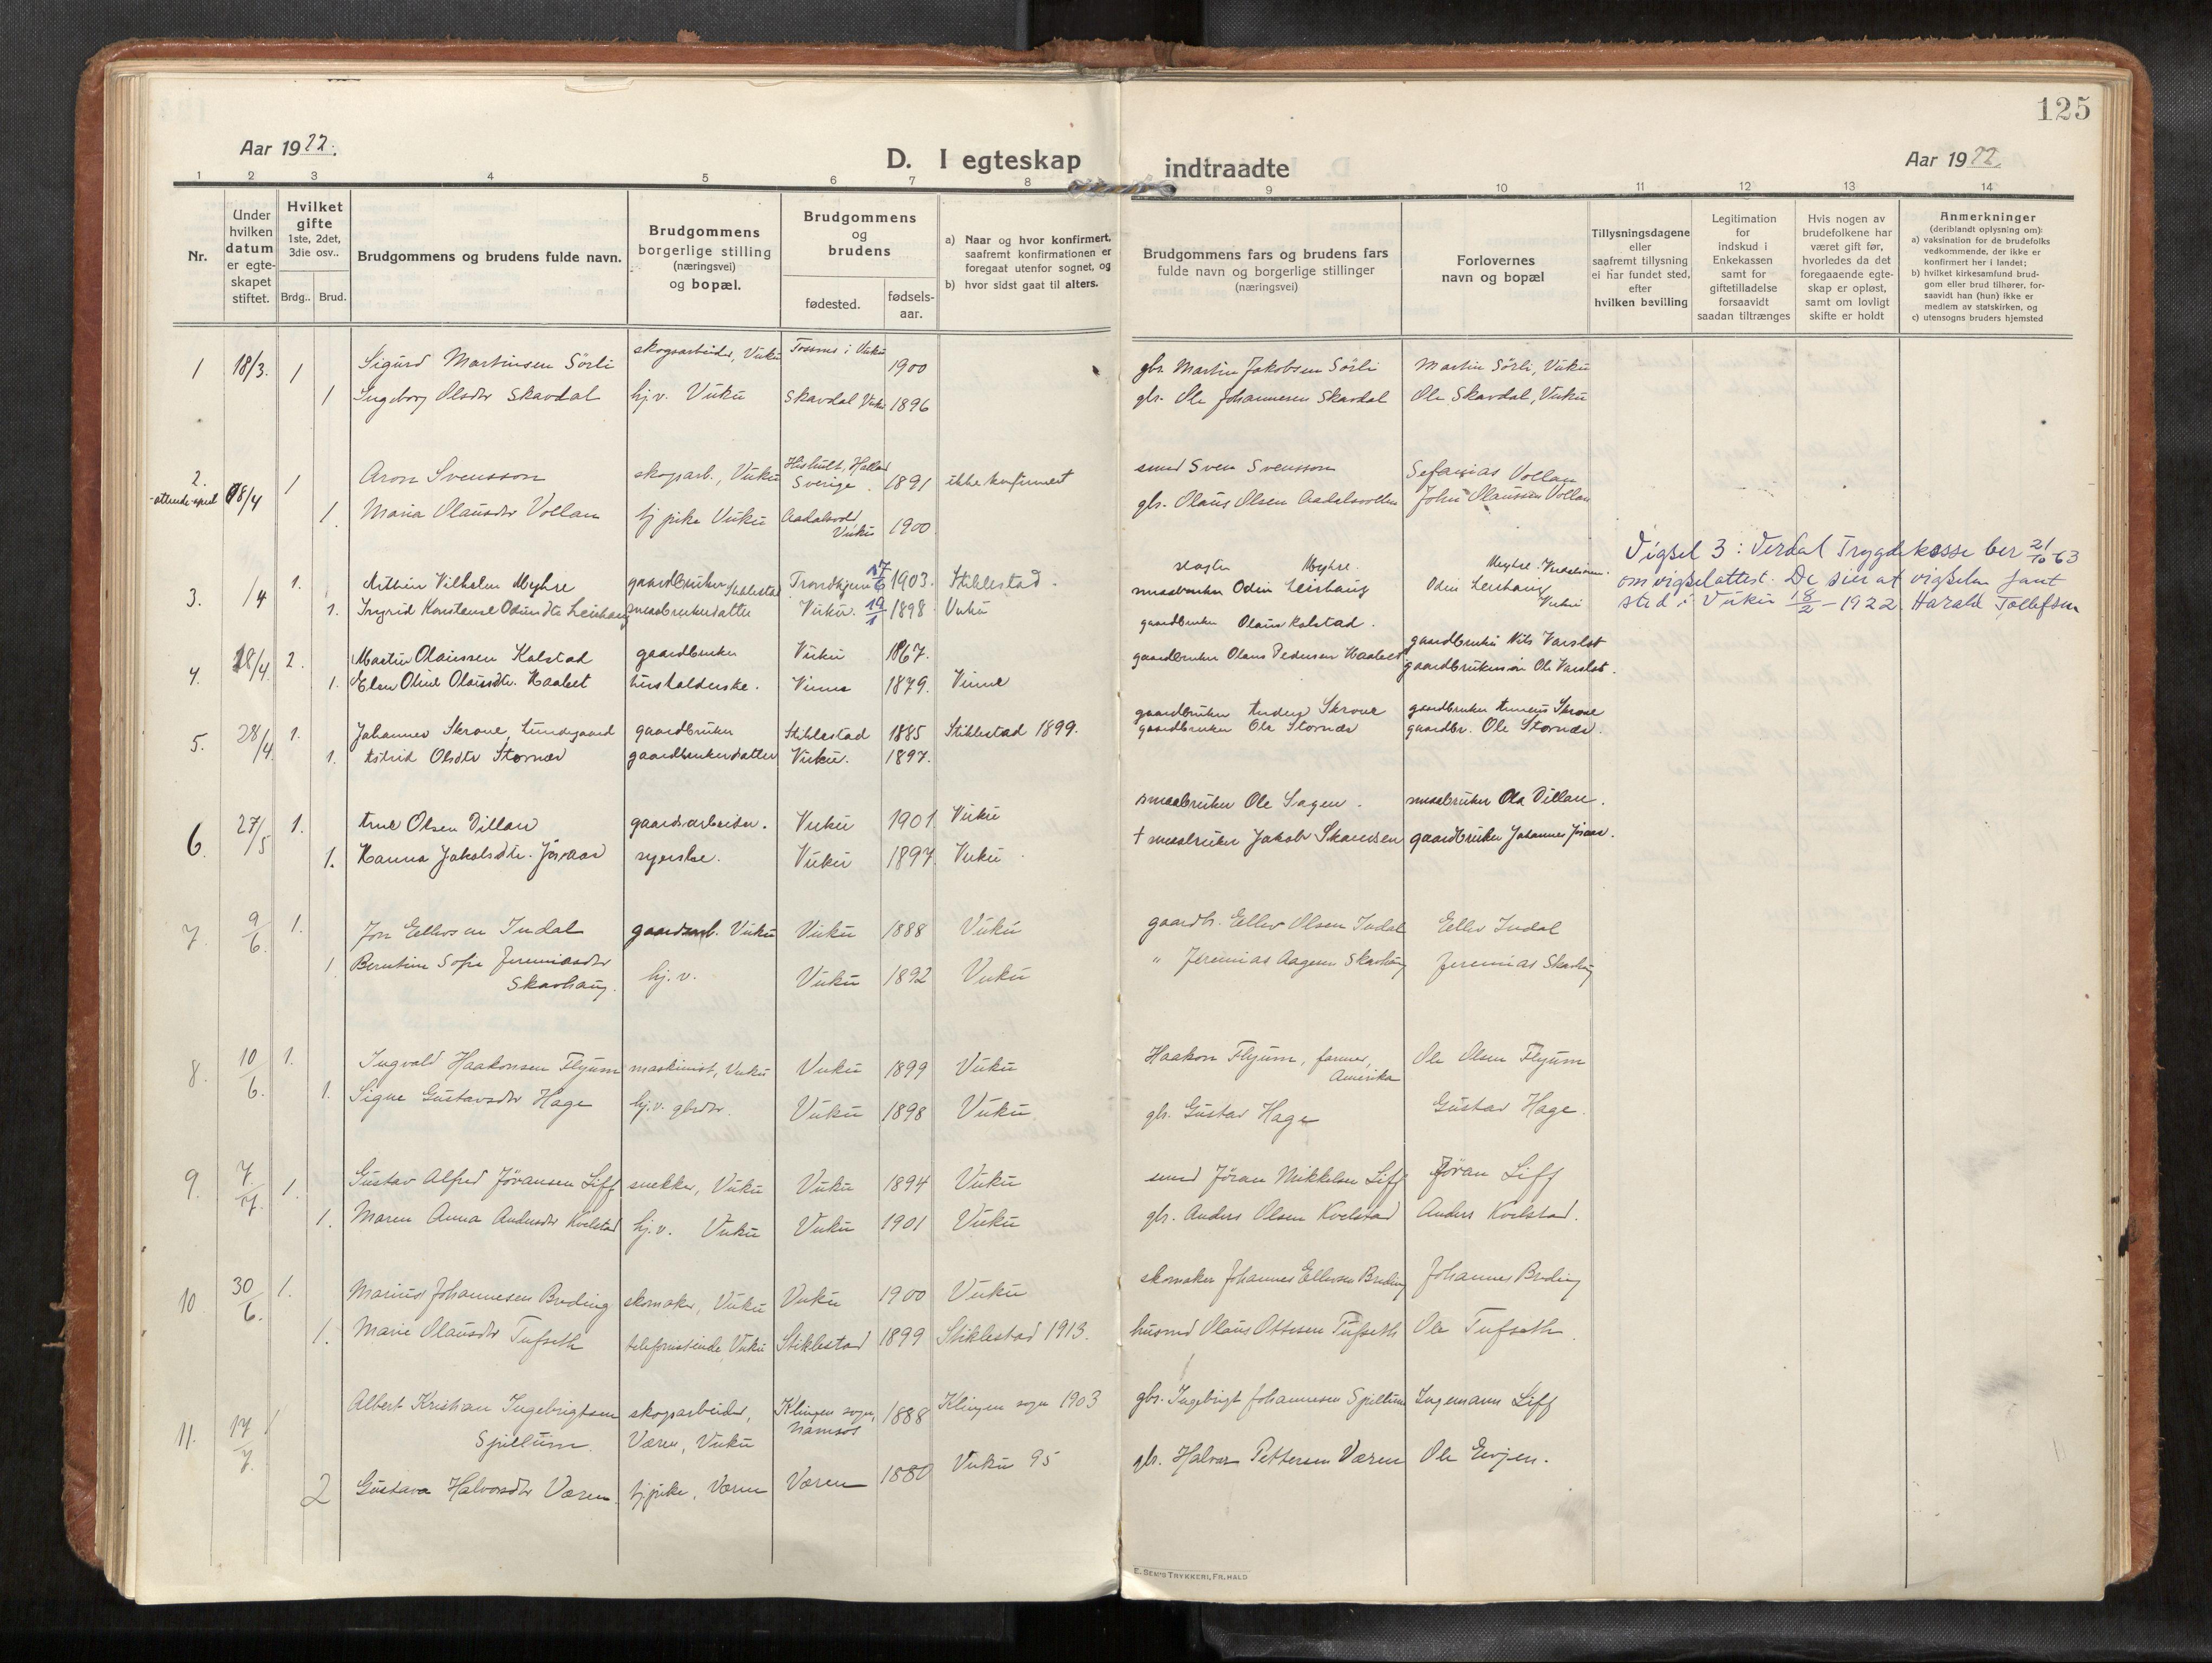 SAT, Verdal sokneprestkontor*, Ministerialbok nr. 1, 1916-1928, s. 125